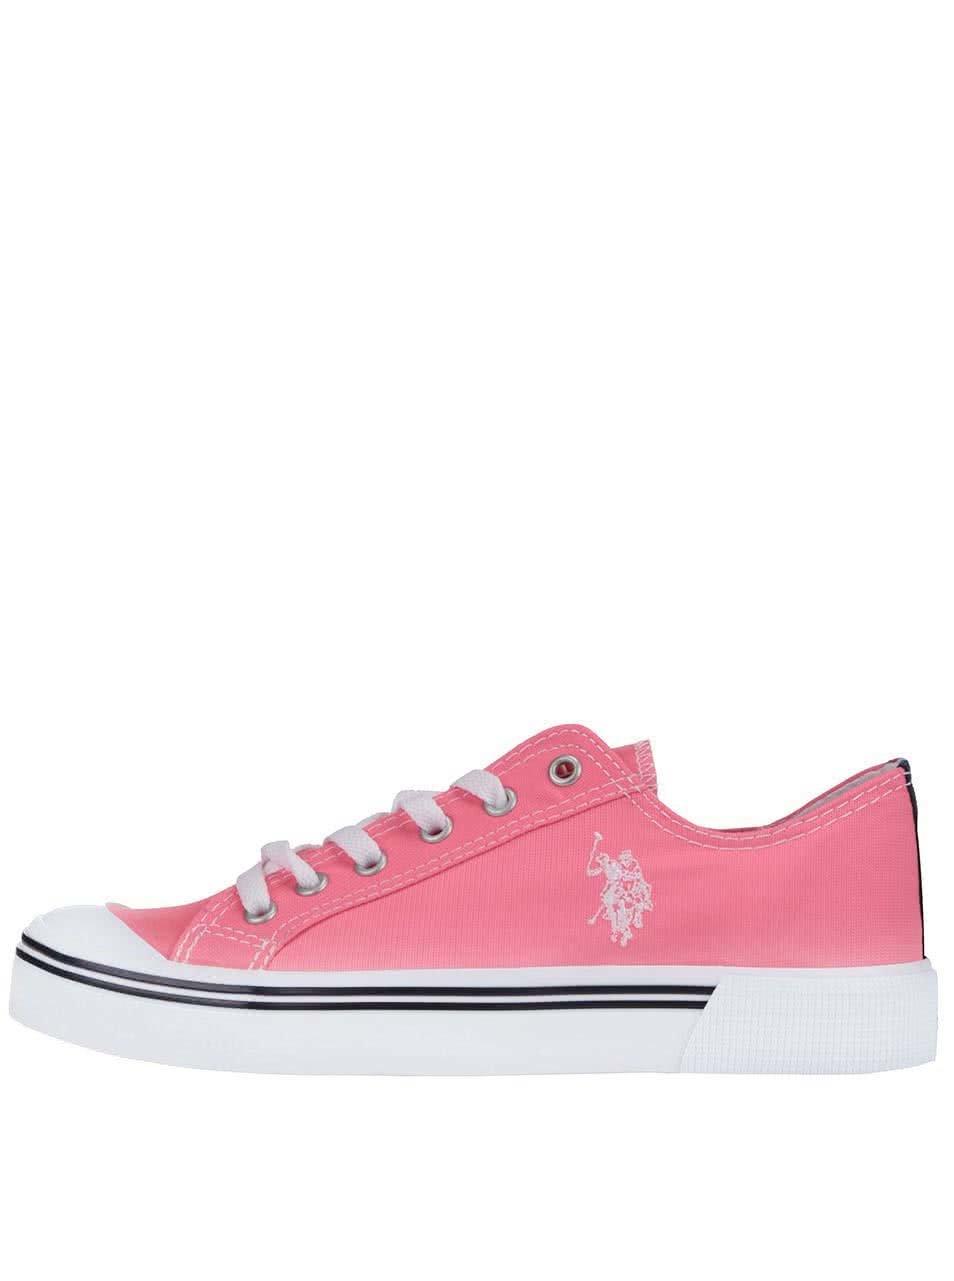 Neonově růžové dámské tenisky U.S. Polo Assn. Norw Fluo ... 83a2c10008